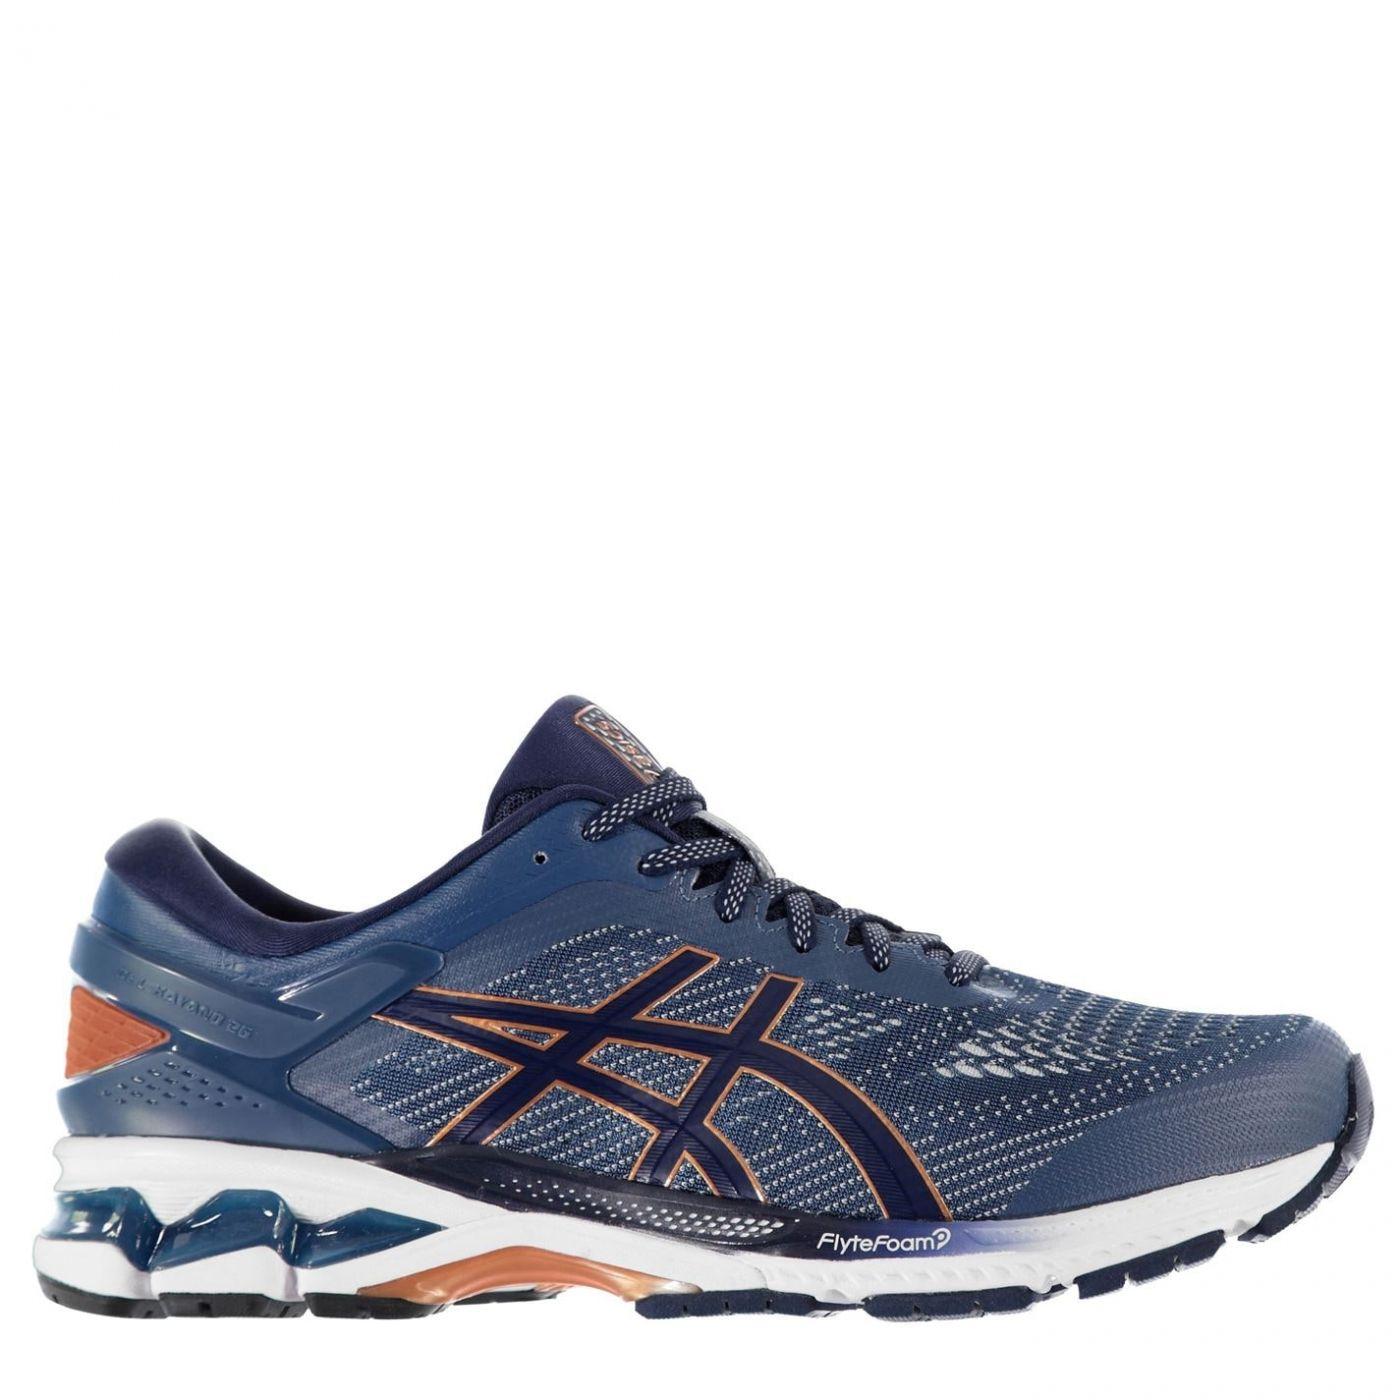 Asics GEL Kayano 26 Mens Running Shoes